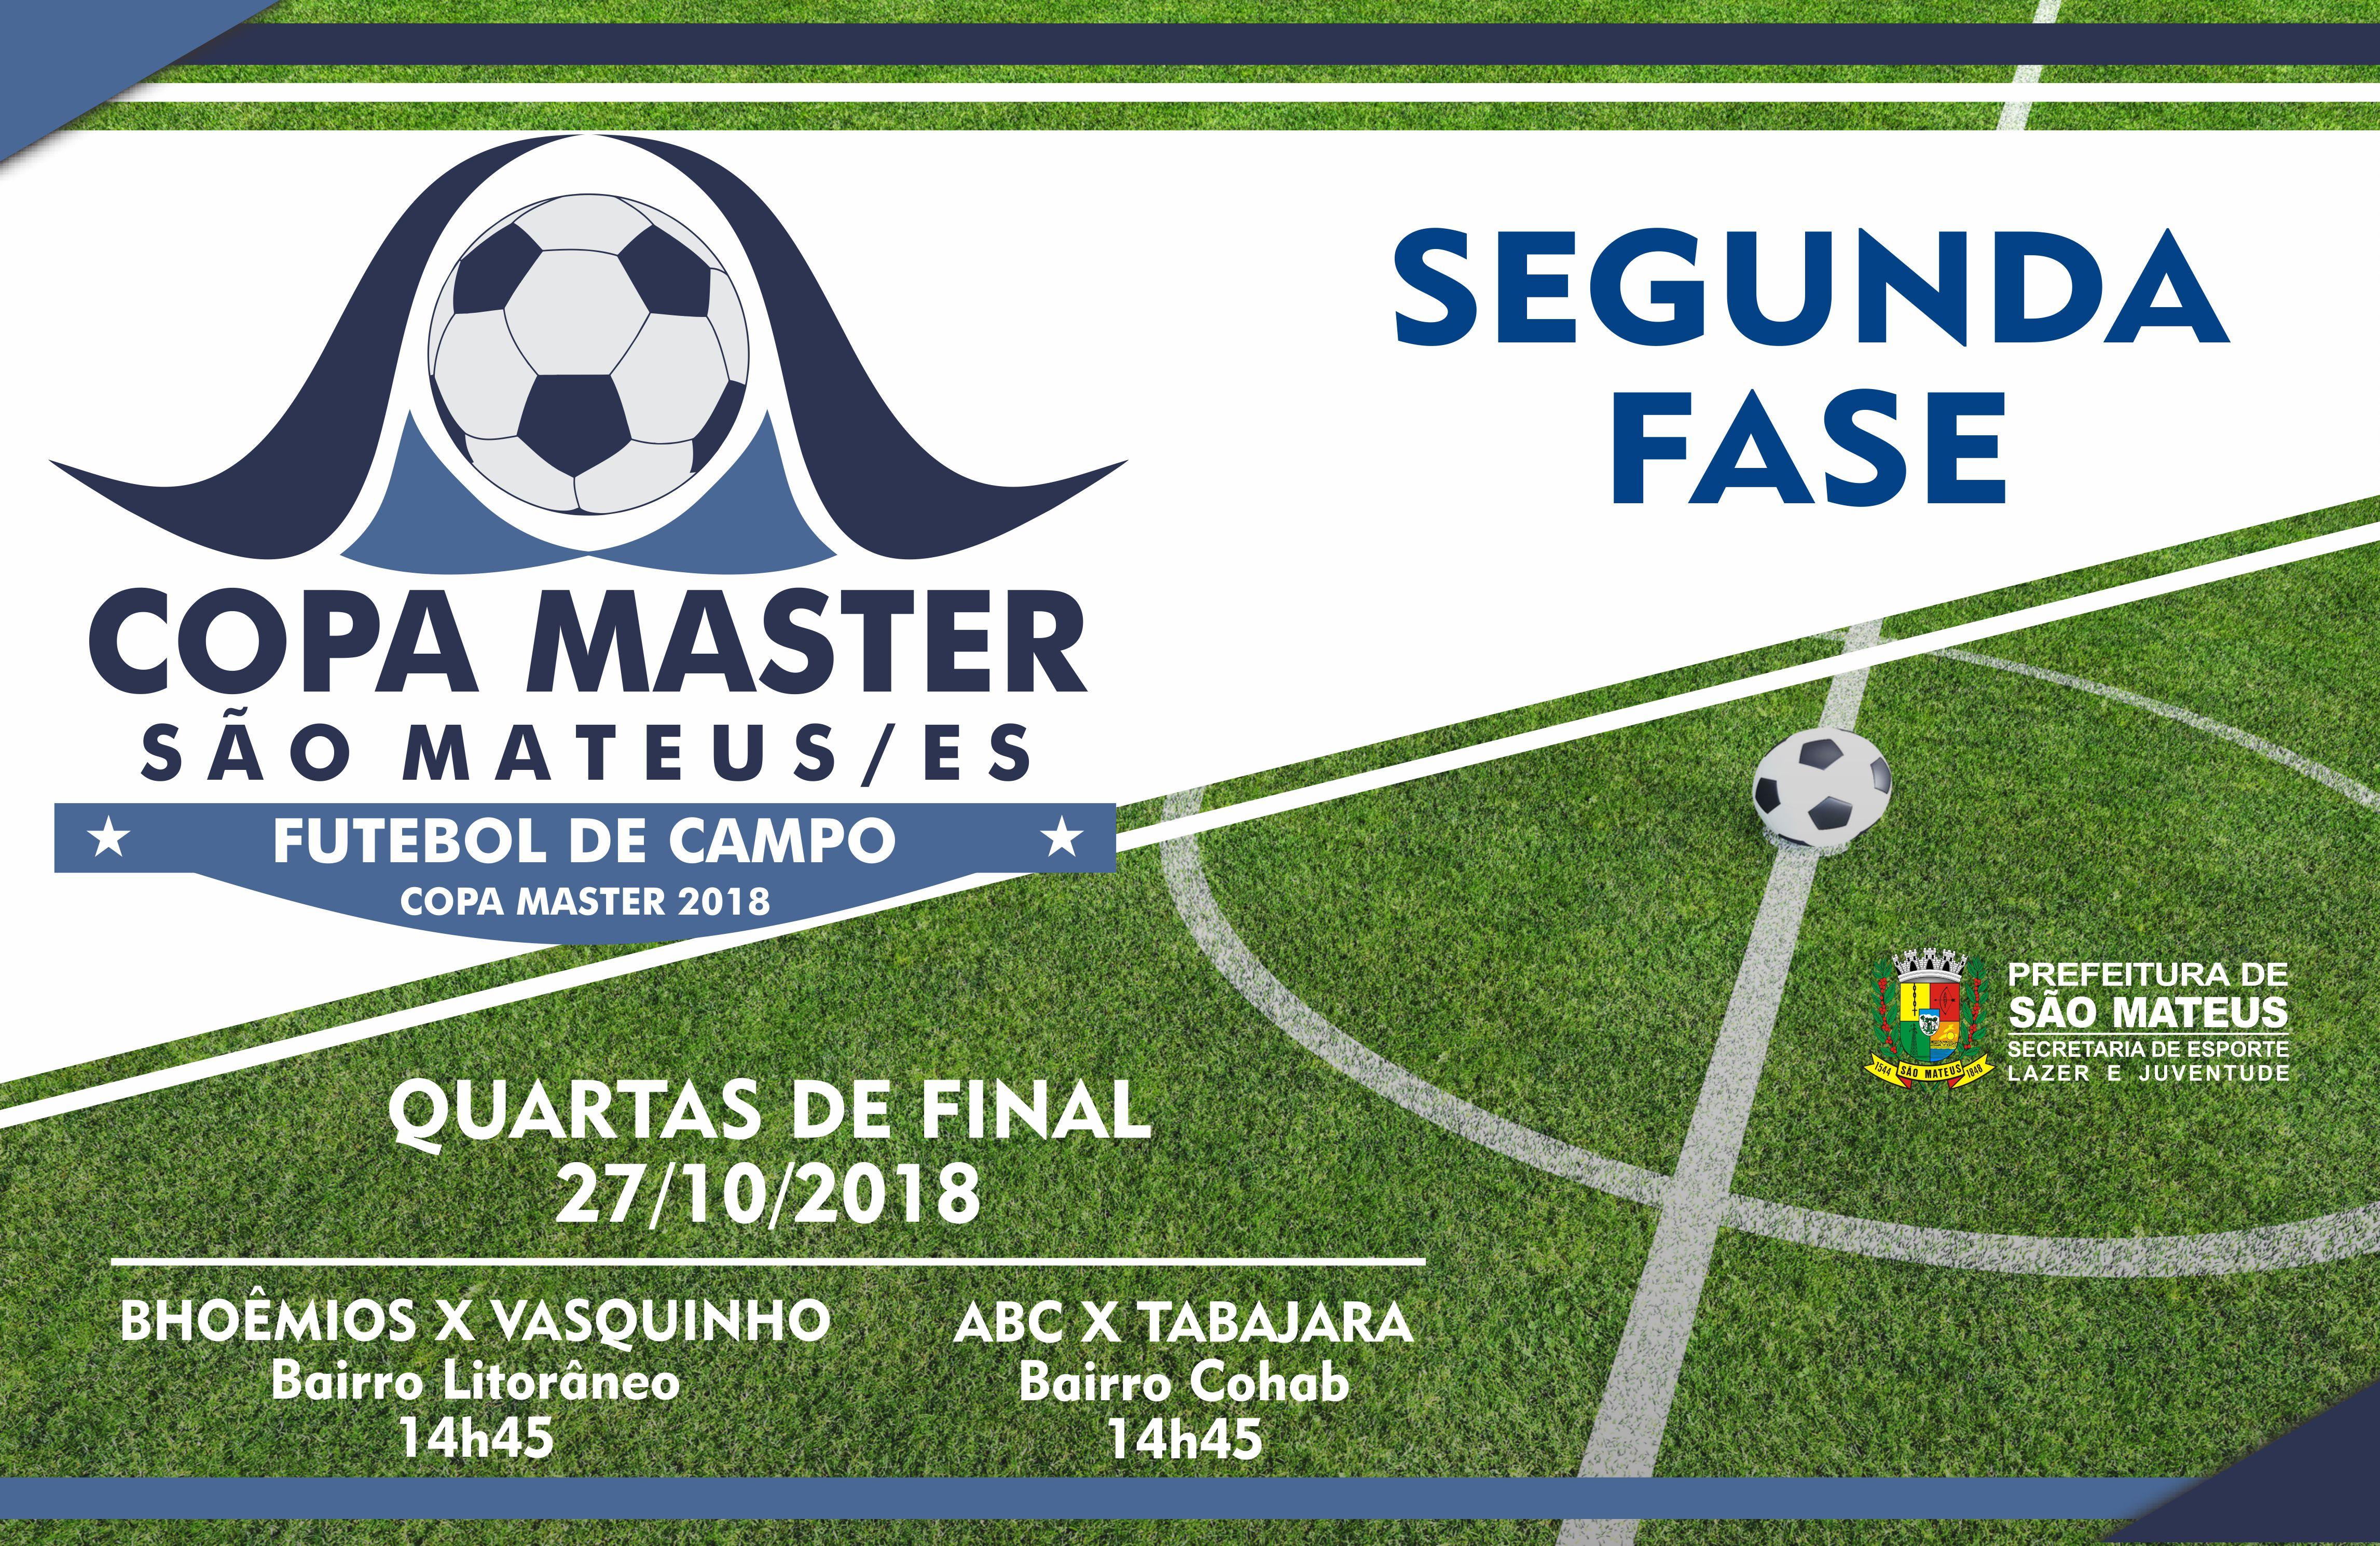 Quartas de Final da Copa Master 2018 iniciam neste Sábado (27)